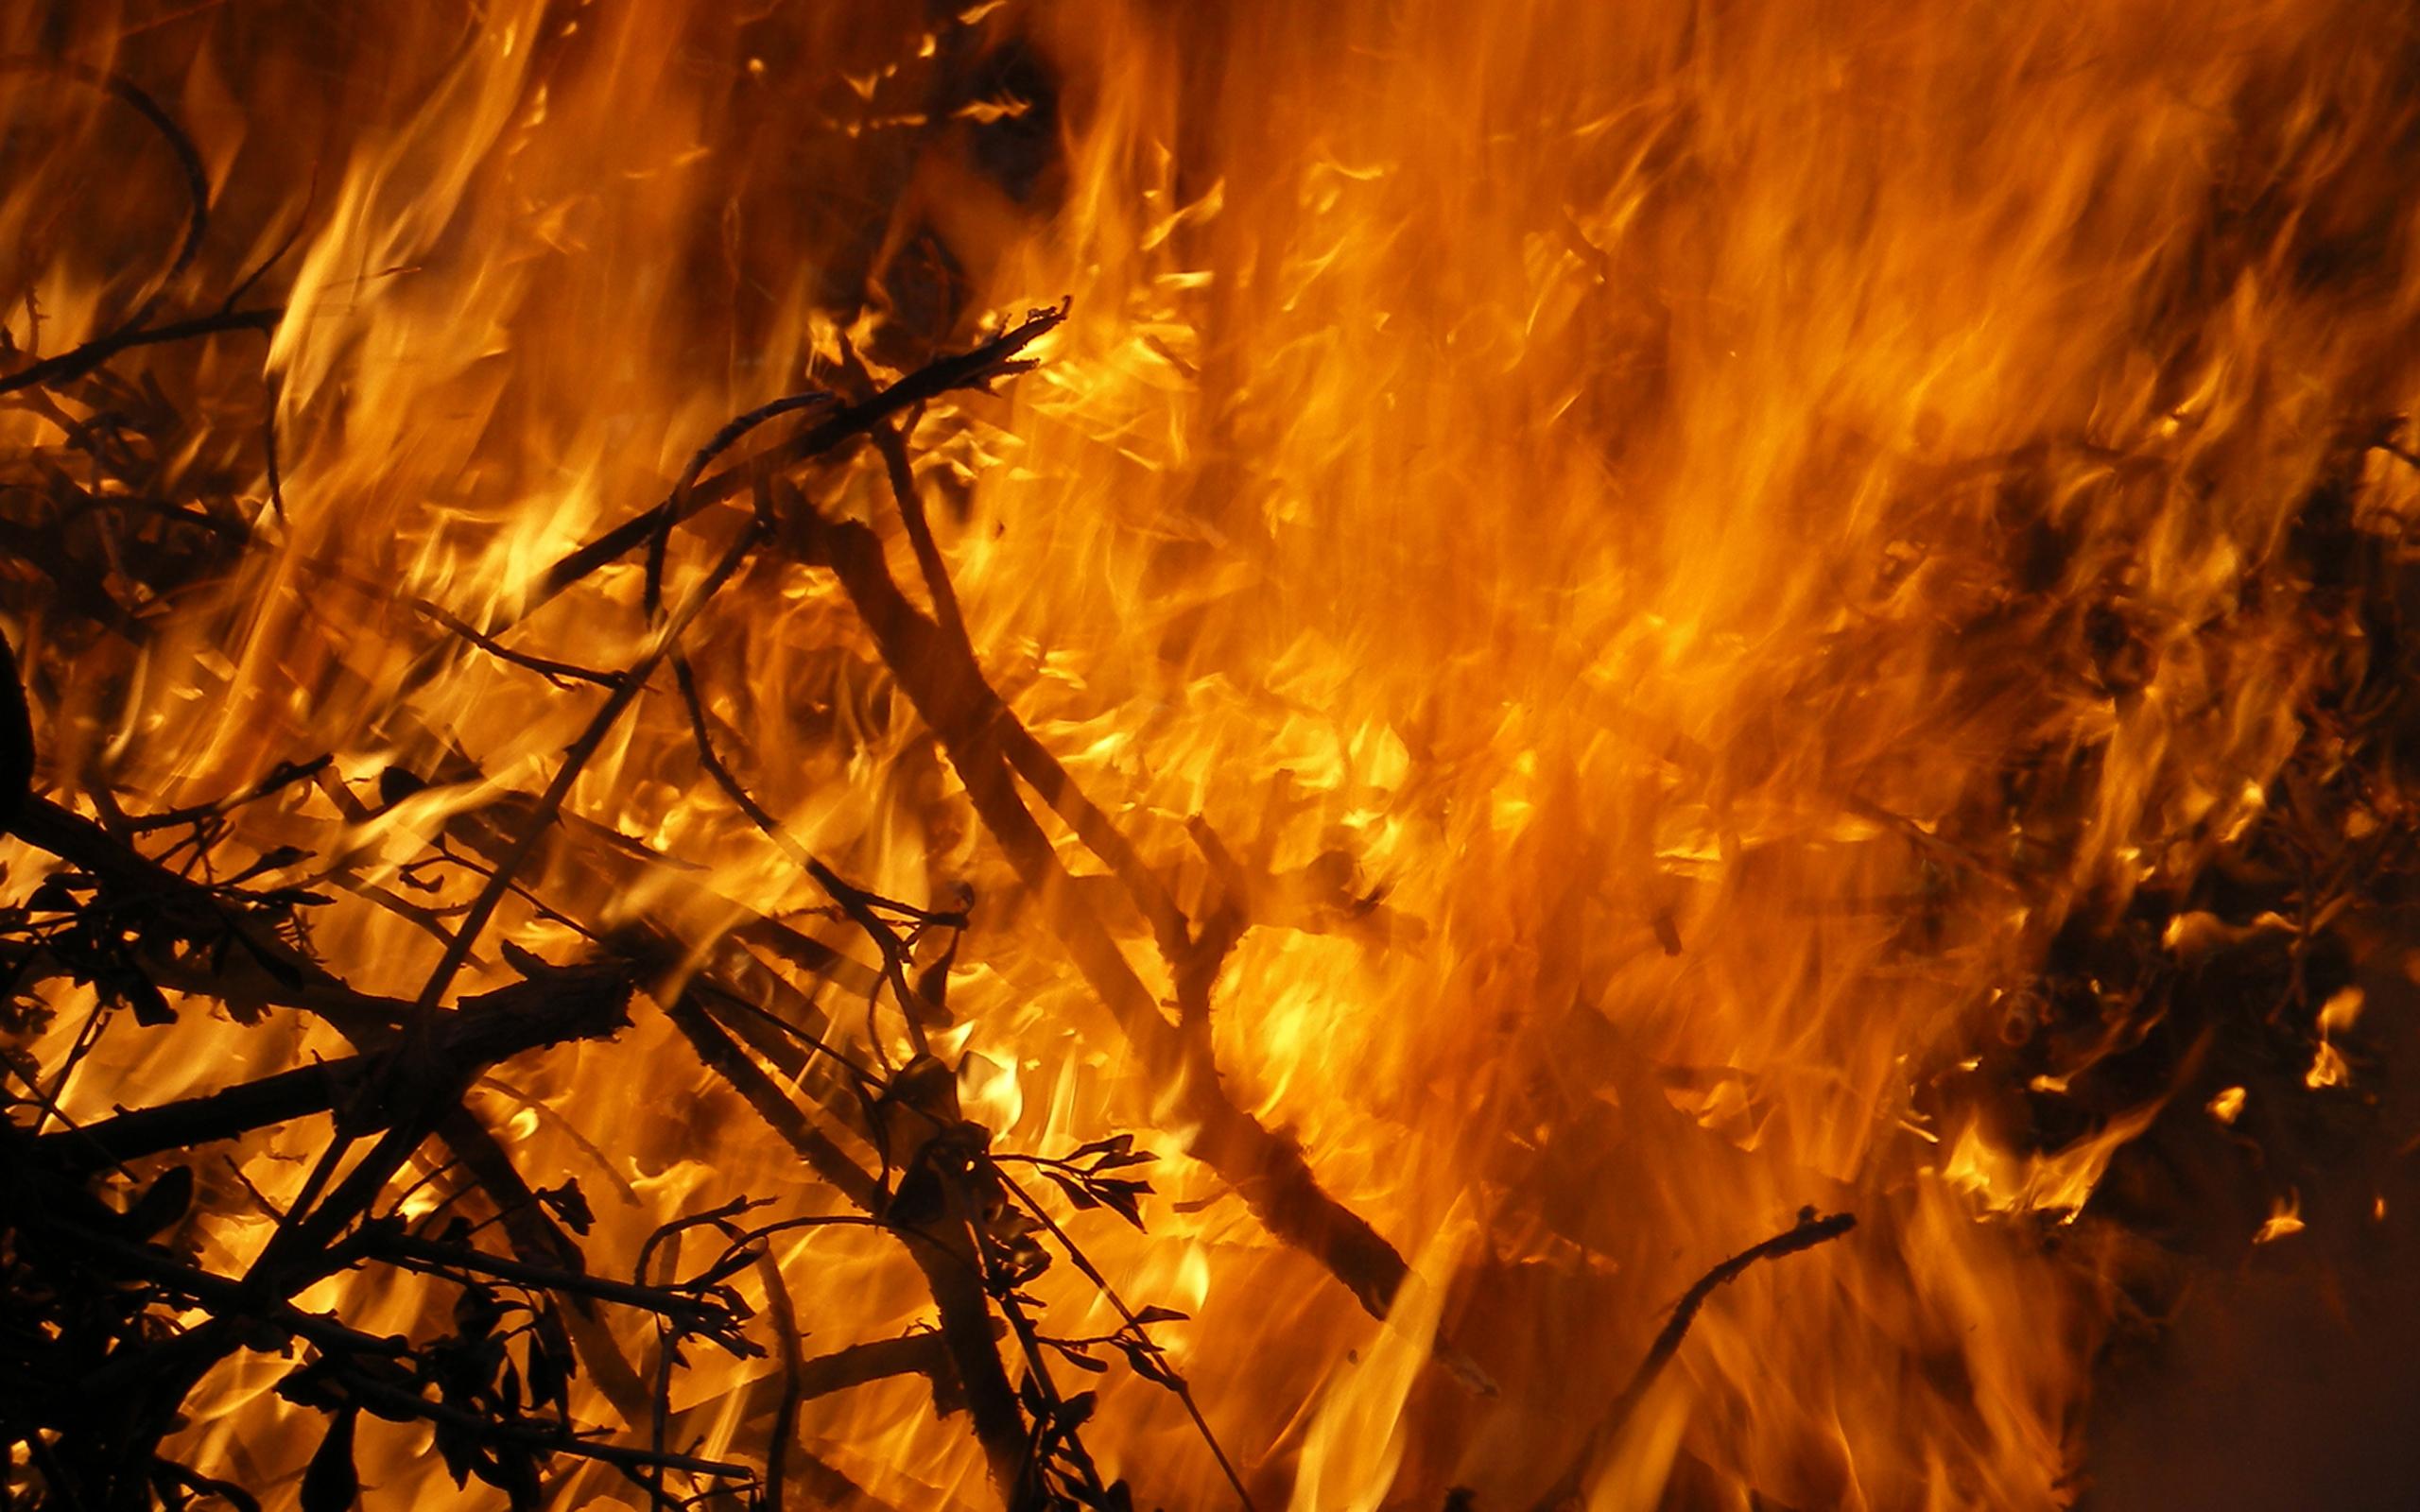 Fire Battleground Full Hd Wallpaper And Hintergrund: Feuer Full HD Wallpaper And Hintergrund